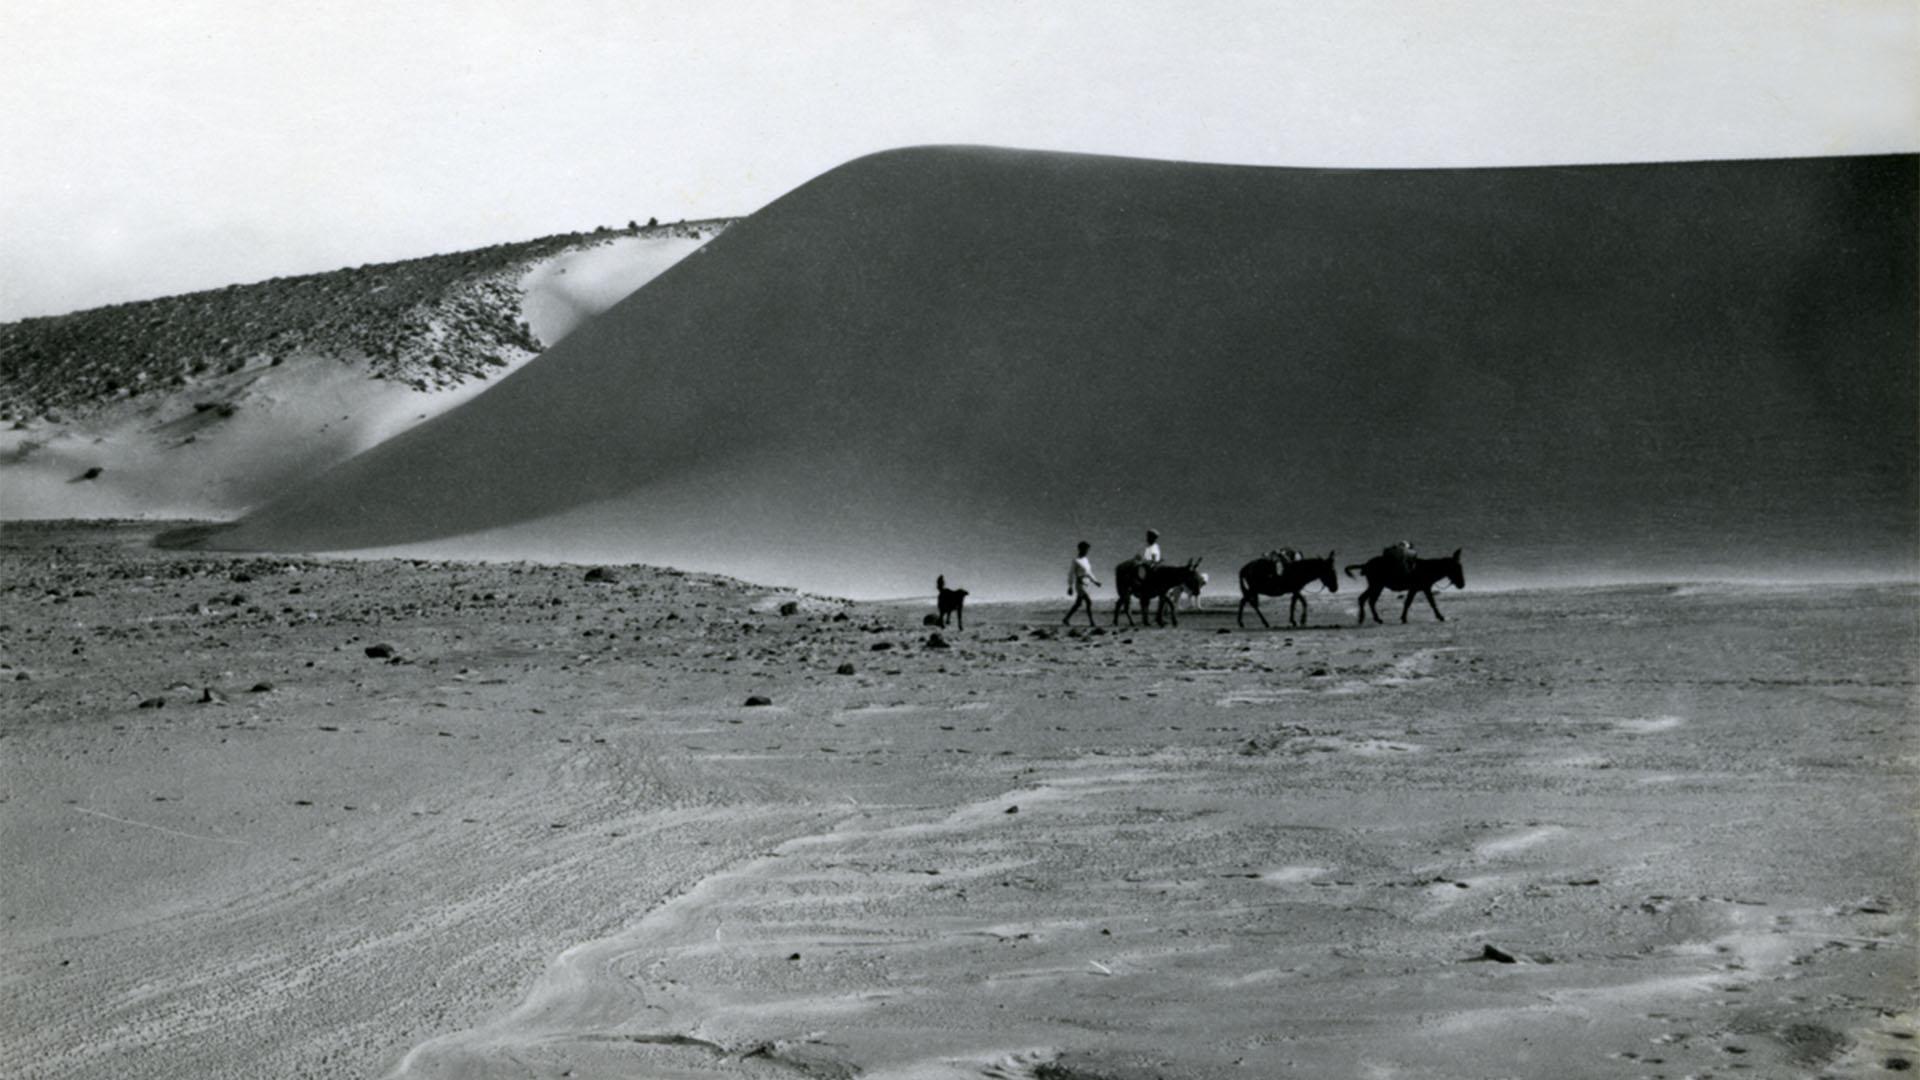 Maultier- und Kamelkarawanen auf Fuerteventura noch in den 1940igern und 1950igern für Warentransporte. Strassen gab es kaum auf Fuerteventura.